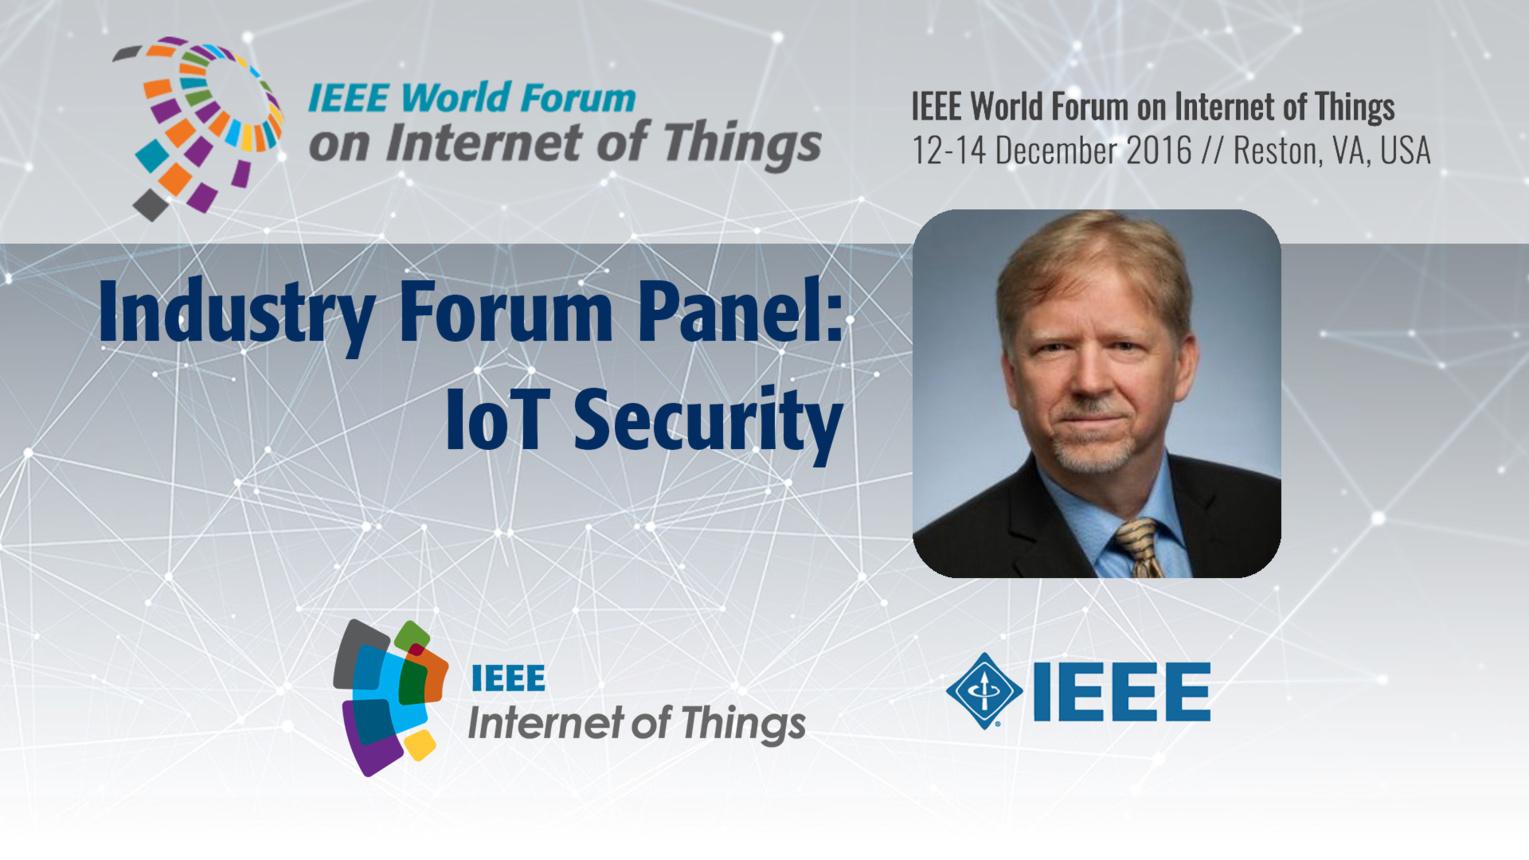 Joe Klein: IoT Security - Industry Forum Panel: WF IoT 2016